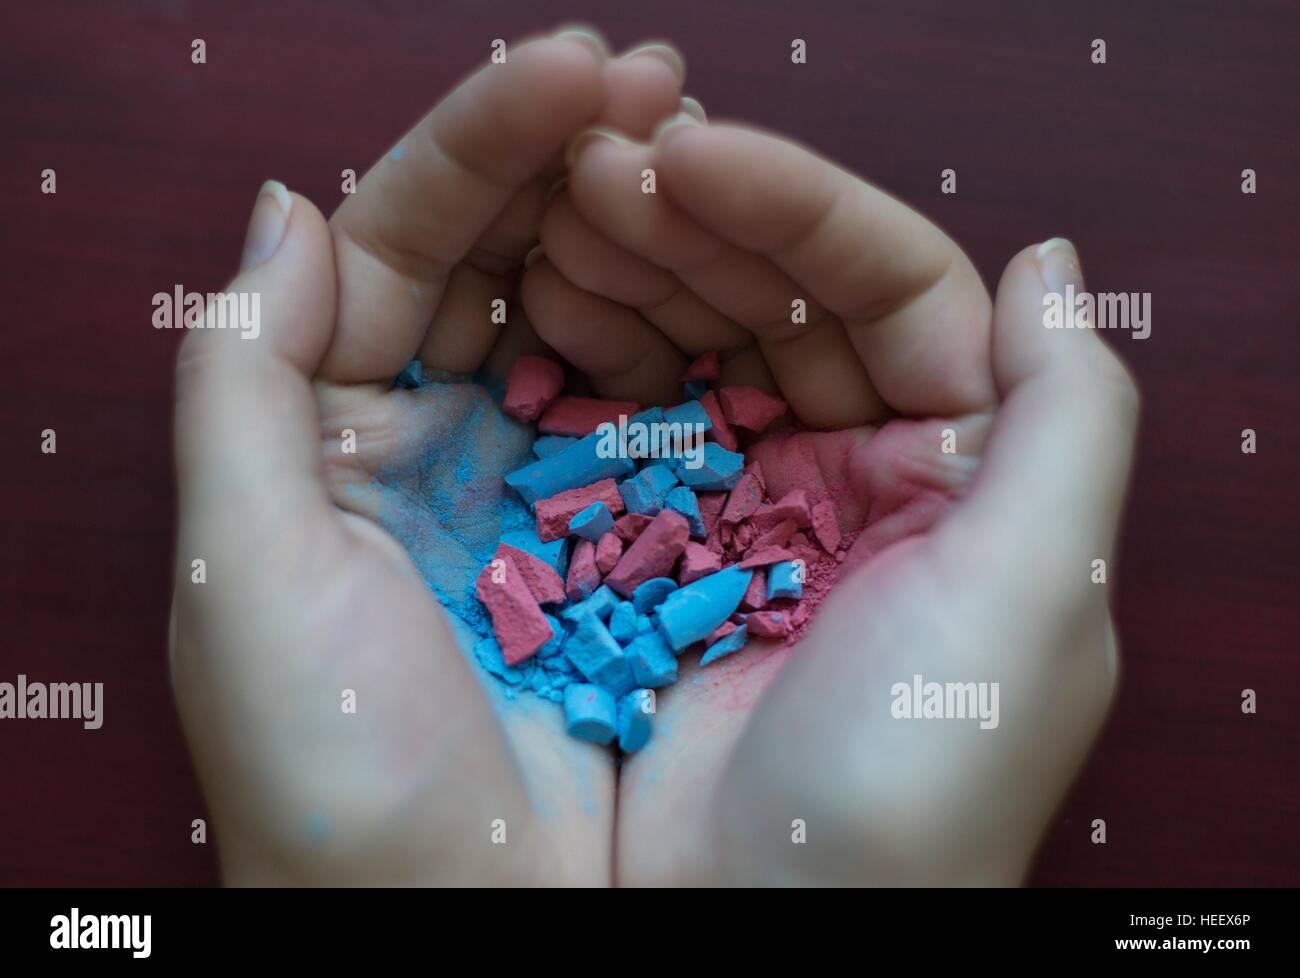 En tenant les deux mains en coupe rose et bleu de la craie, mixte et émietté ensemble. Photo Stock